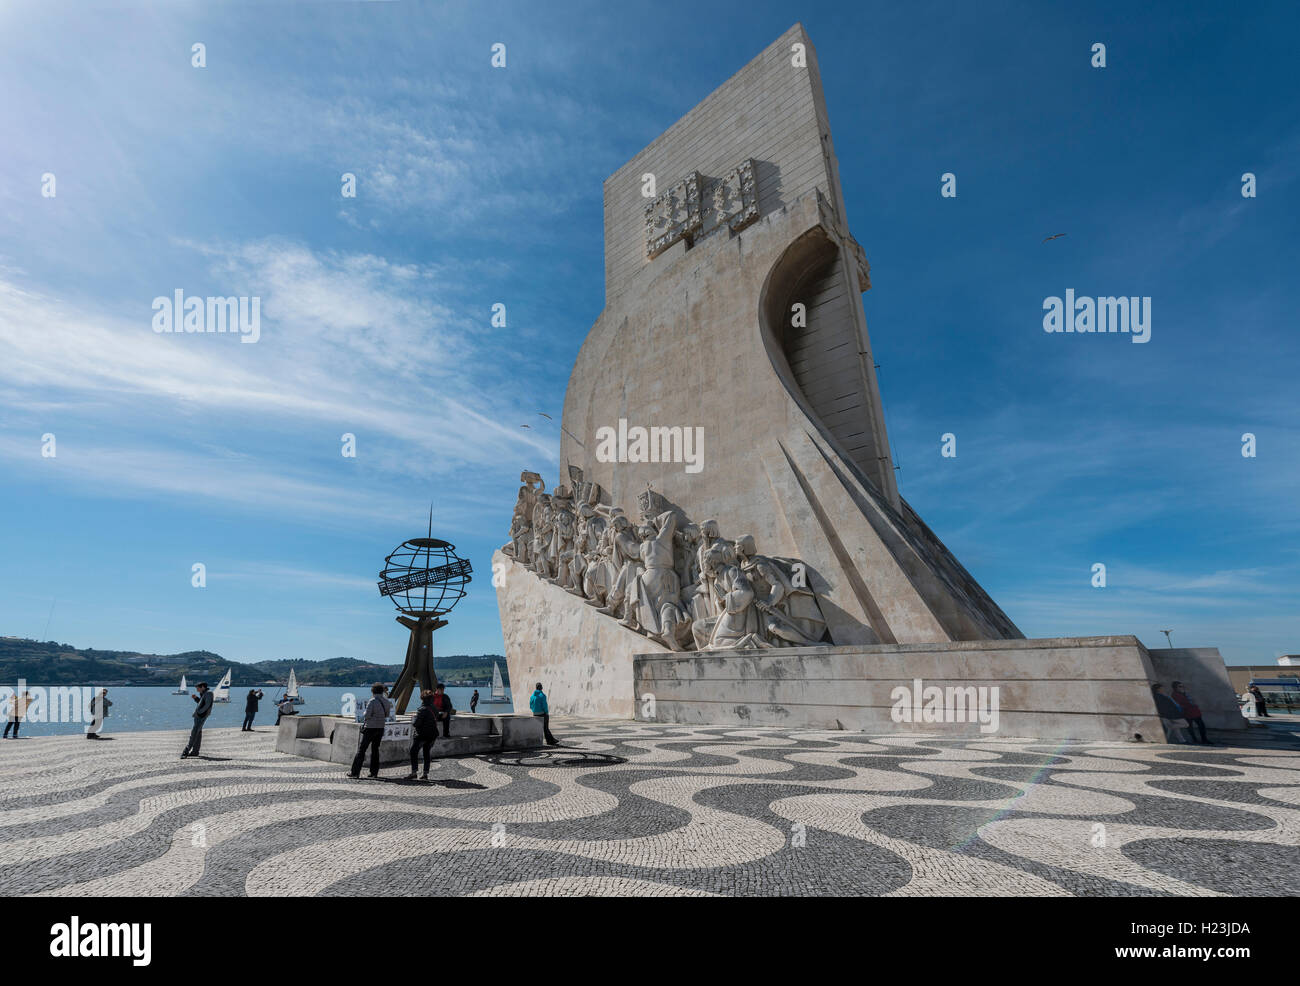 Padrão dos Descobrimentos, Monument to the Discoveries, Belém, Lisbon, Portugal - Stock Image